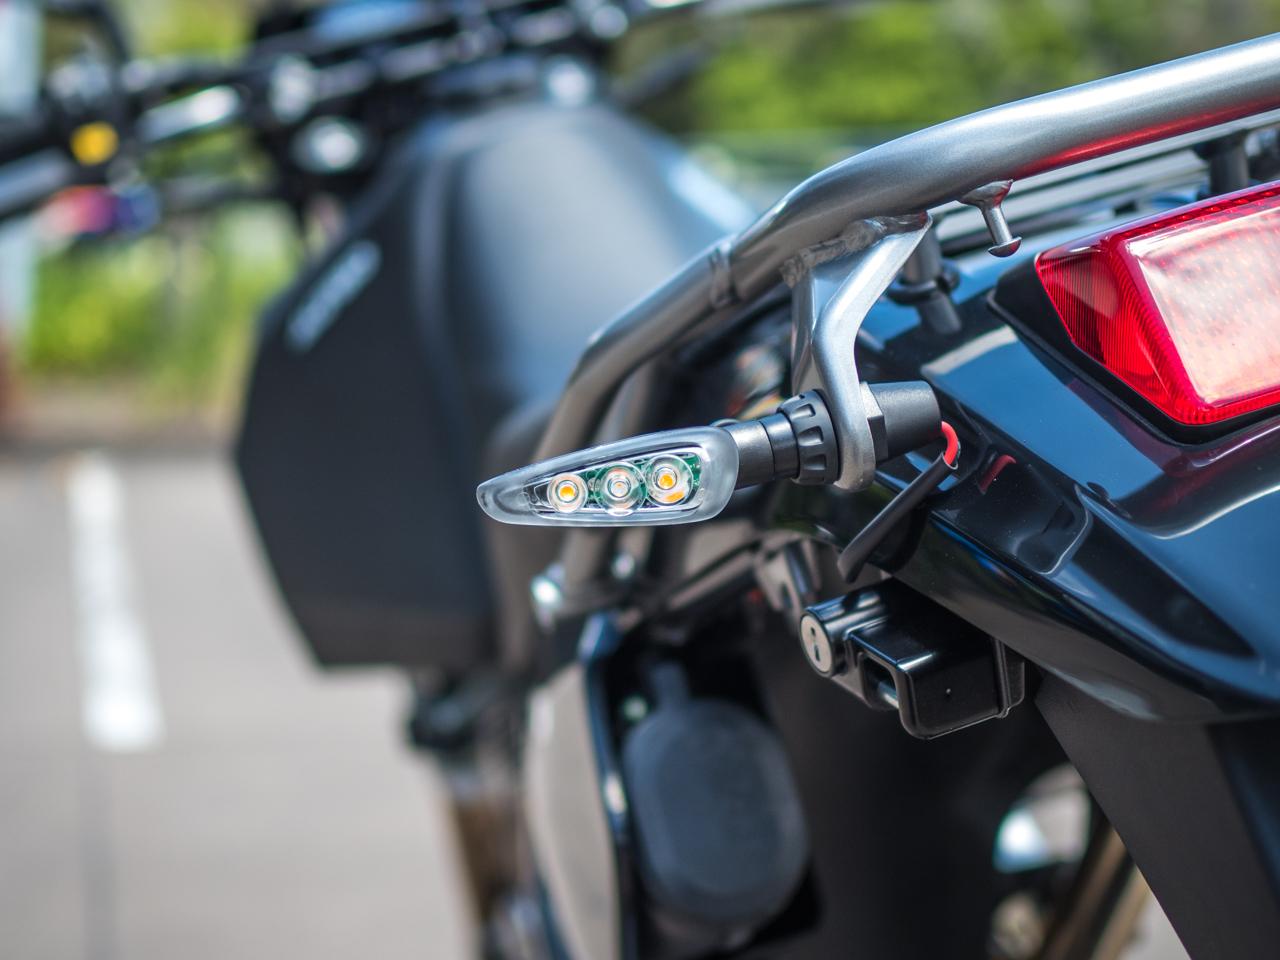 Our own creation   2019 Suzuki DR650SE Adventure